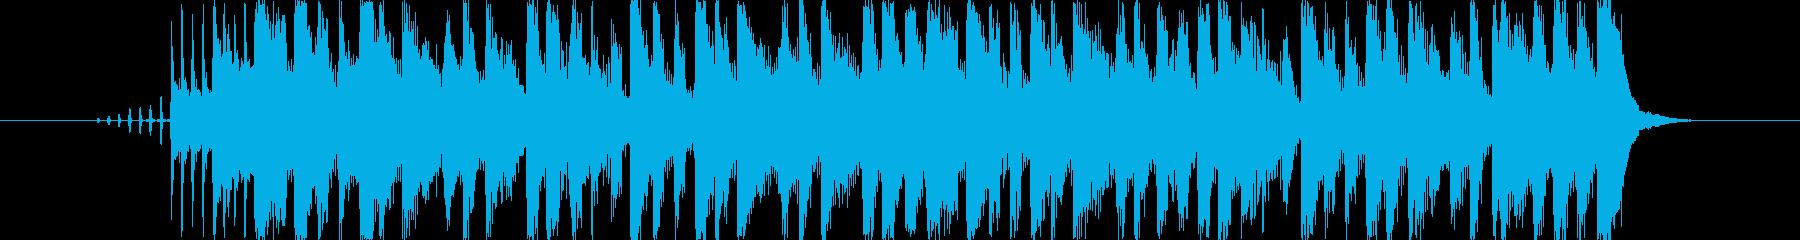 アニメの次回予告を想定した楽曲です。の再生済みの波形